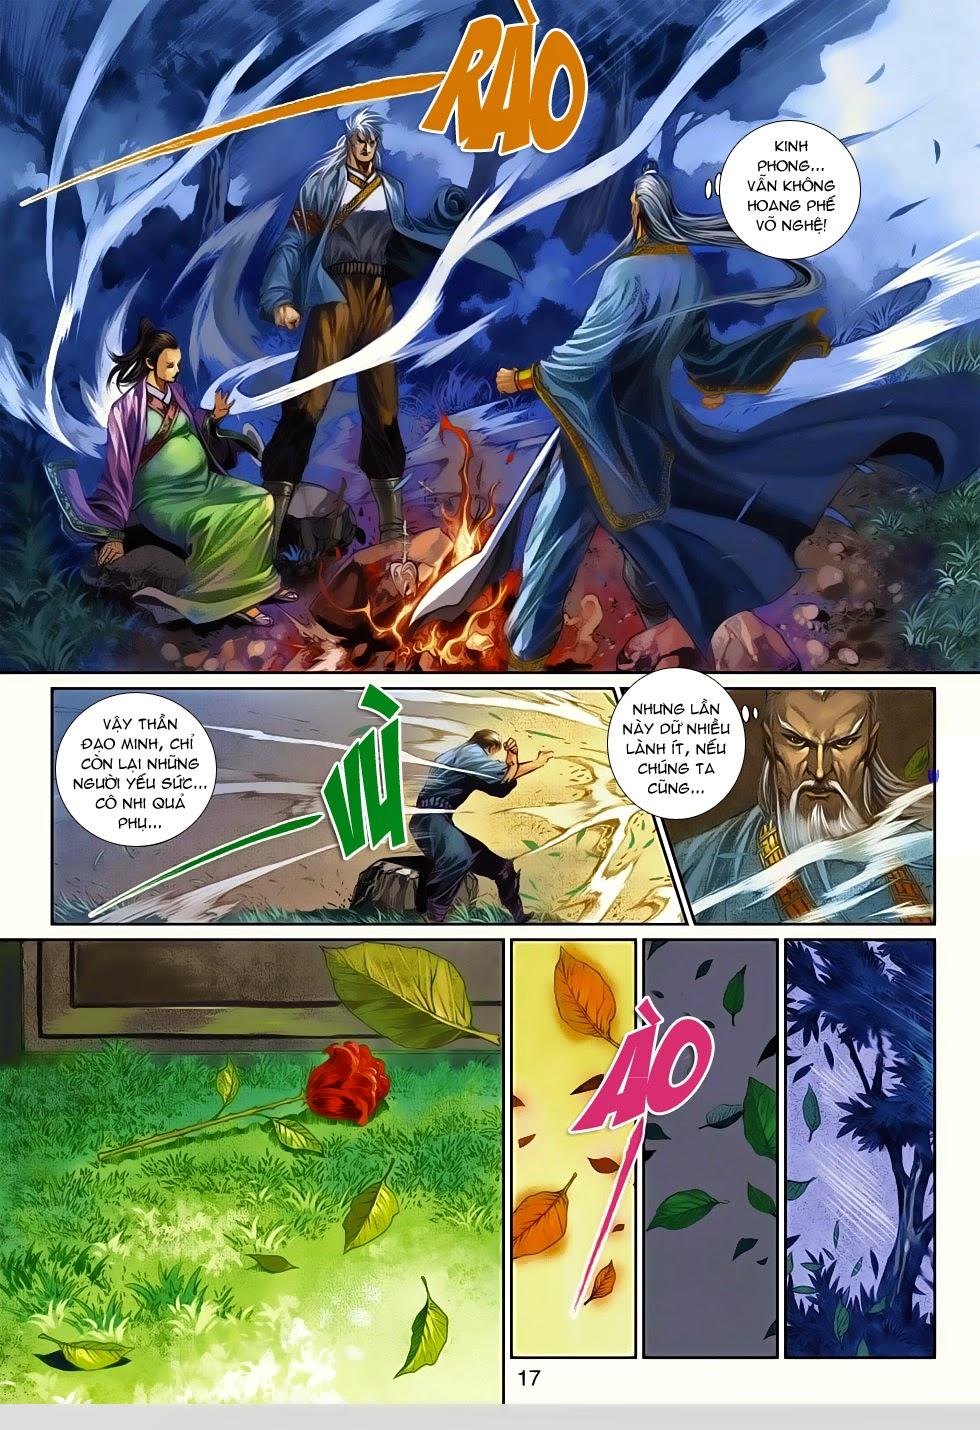 Thần Binh Tiền Truyện 4 - Huyền Thiên Tà Đế chap 14 - Trang 17